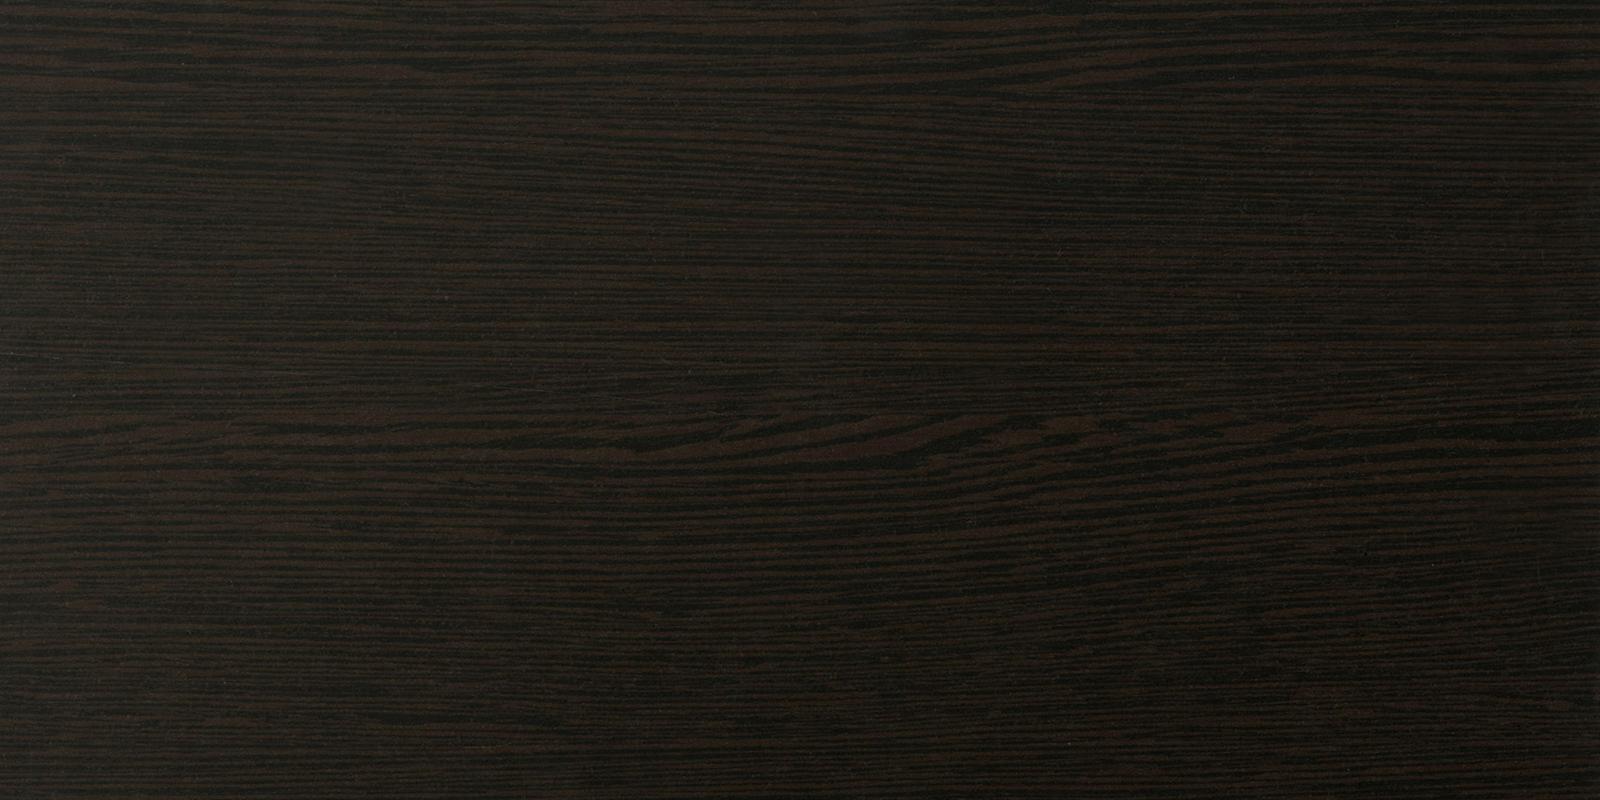 Шкаф-купе трехдверный Верона 223 см (венге/зеркальный) от HomeMe.ru